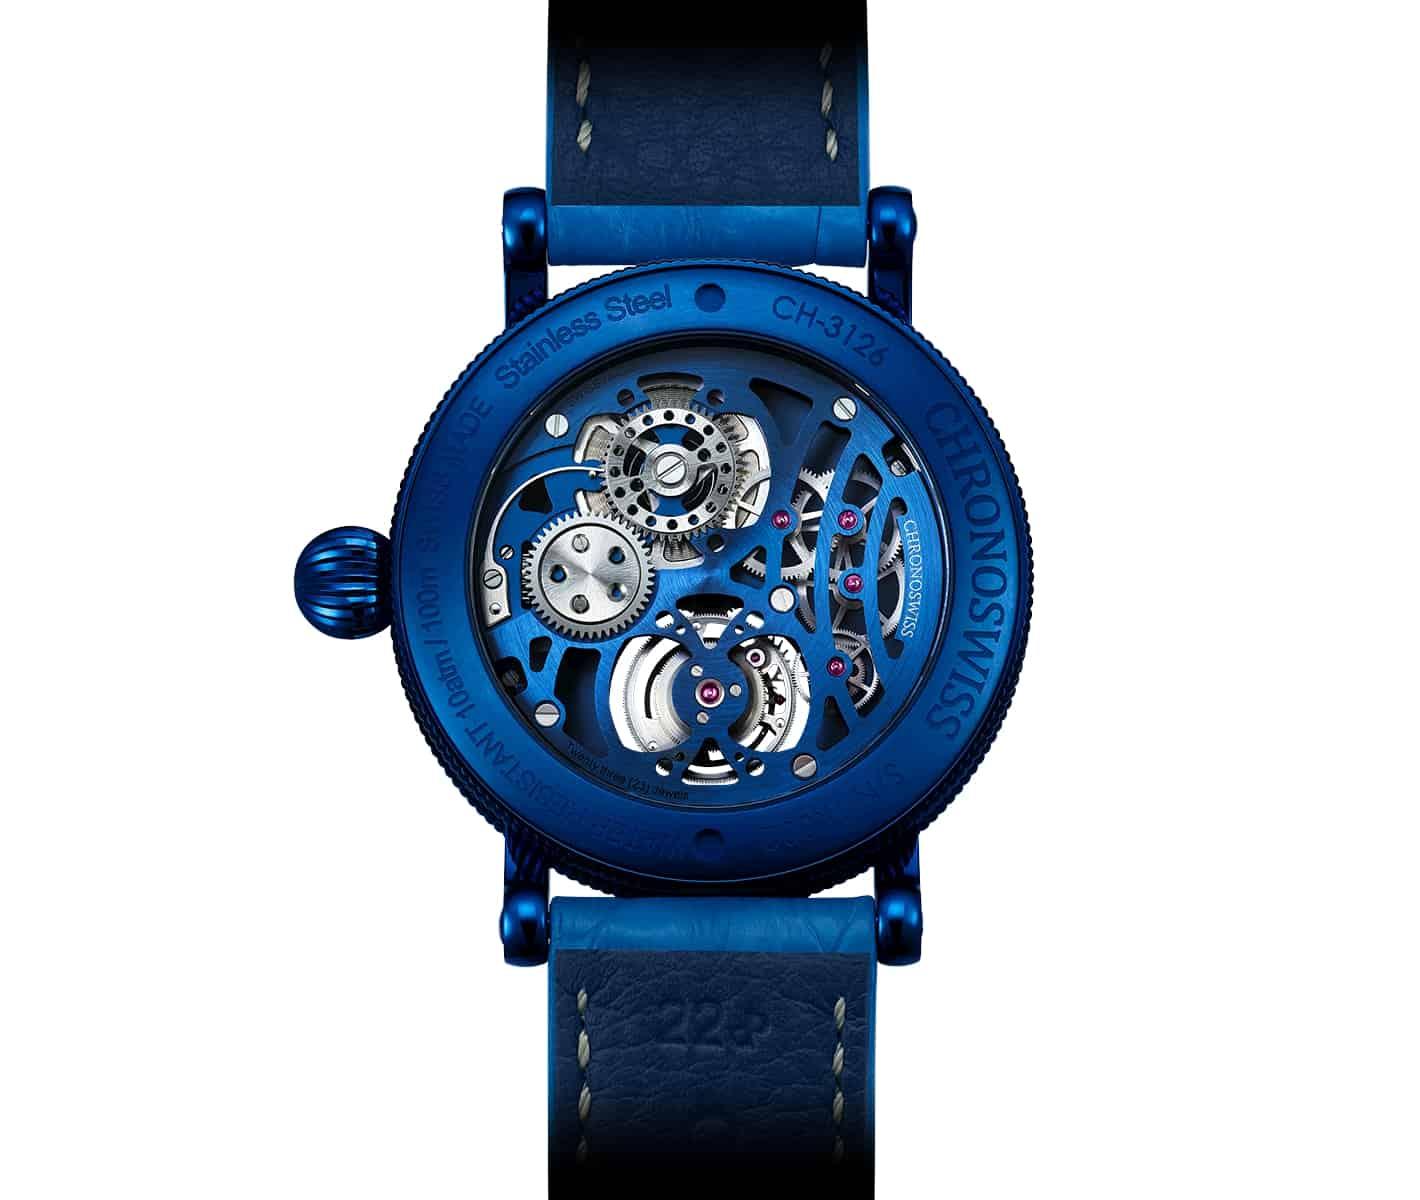 Das ebenfalls blaugehaltene Uhrwerk der Chronoswiss Regulateur Tourbillon Electric Blue